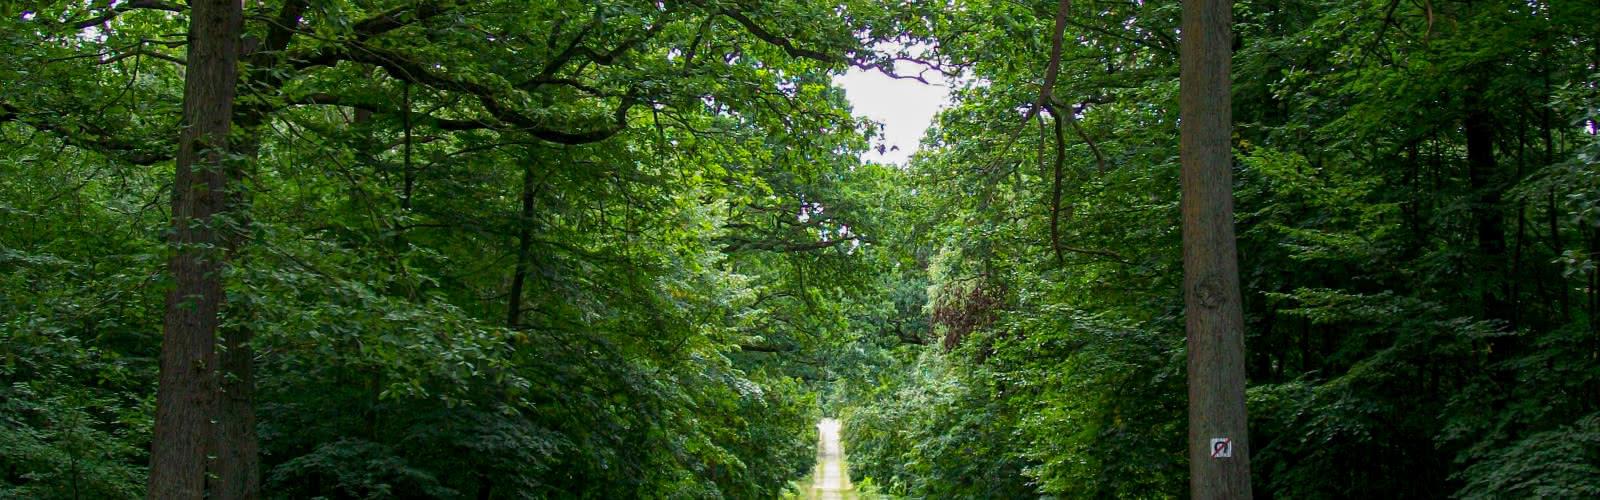 Dans la forêt de L'Isle-Adam, la route Capitaine au carrefour Capitaine